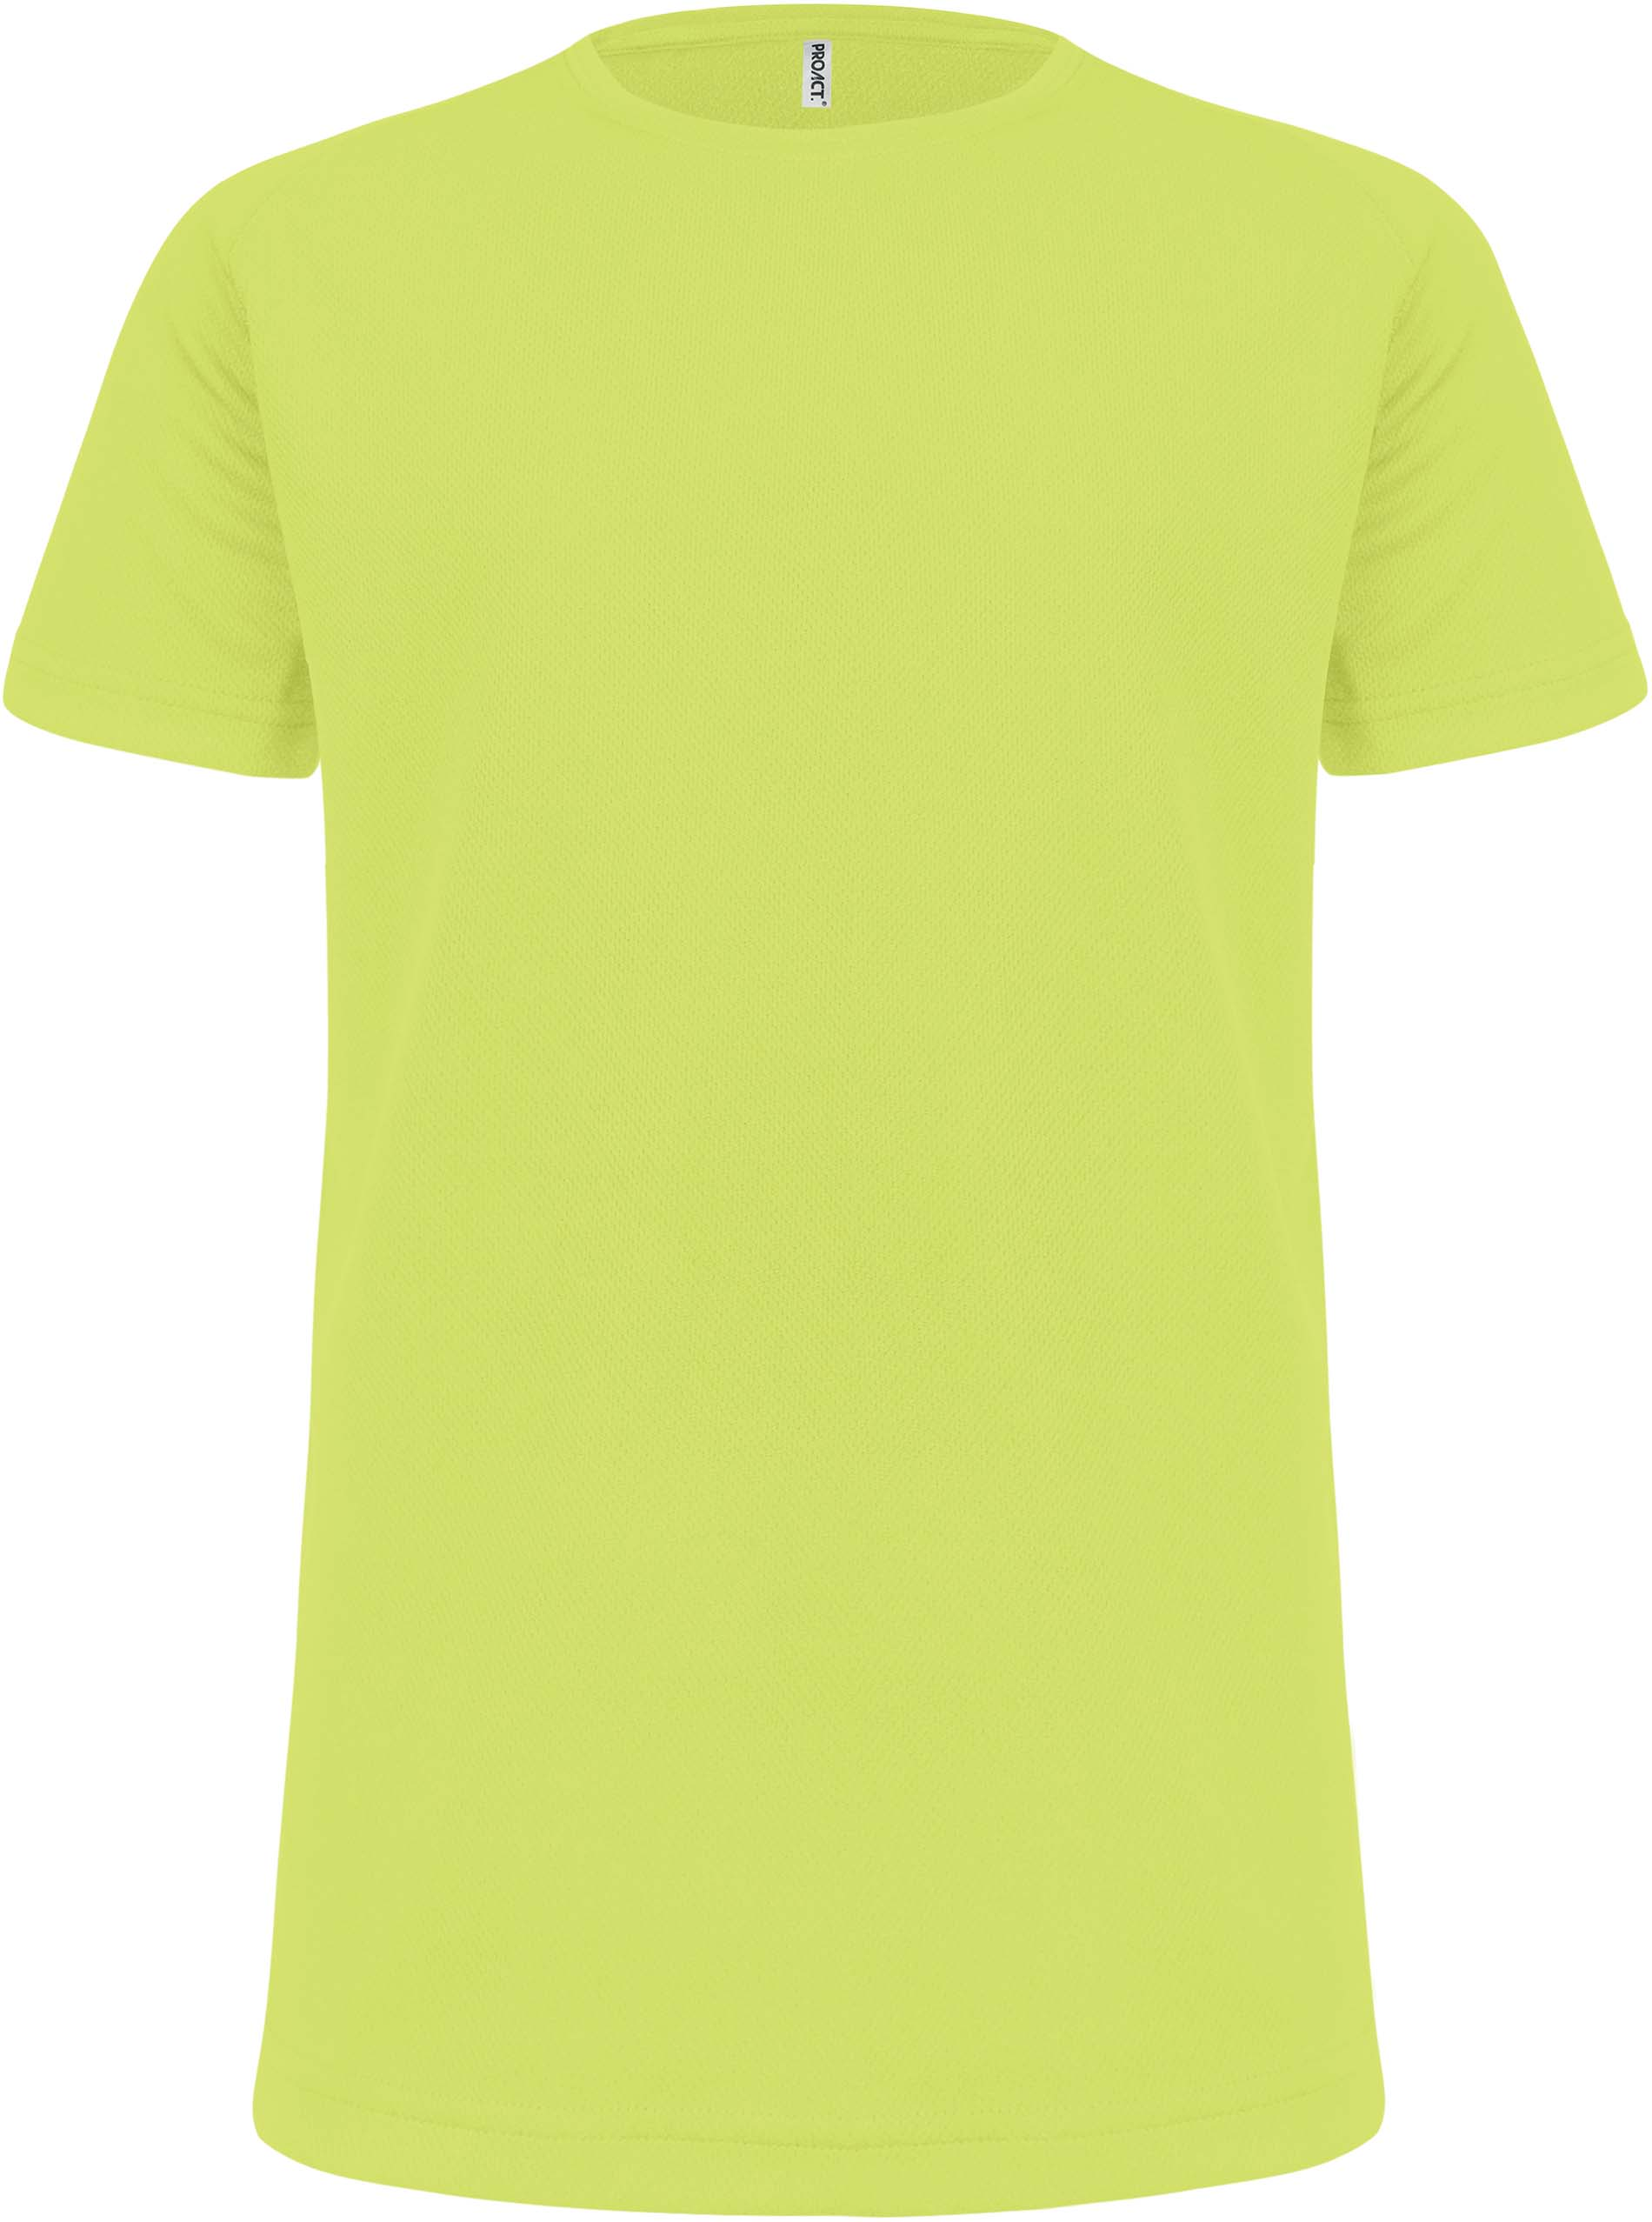 Lasten Proact T-paita PA445 Neon Keltainen